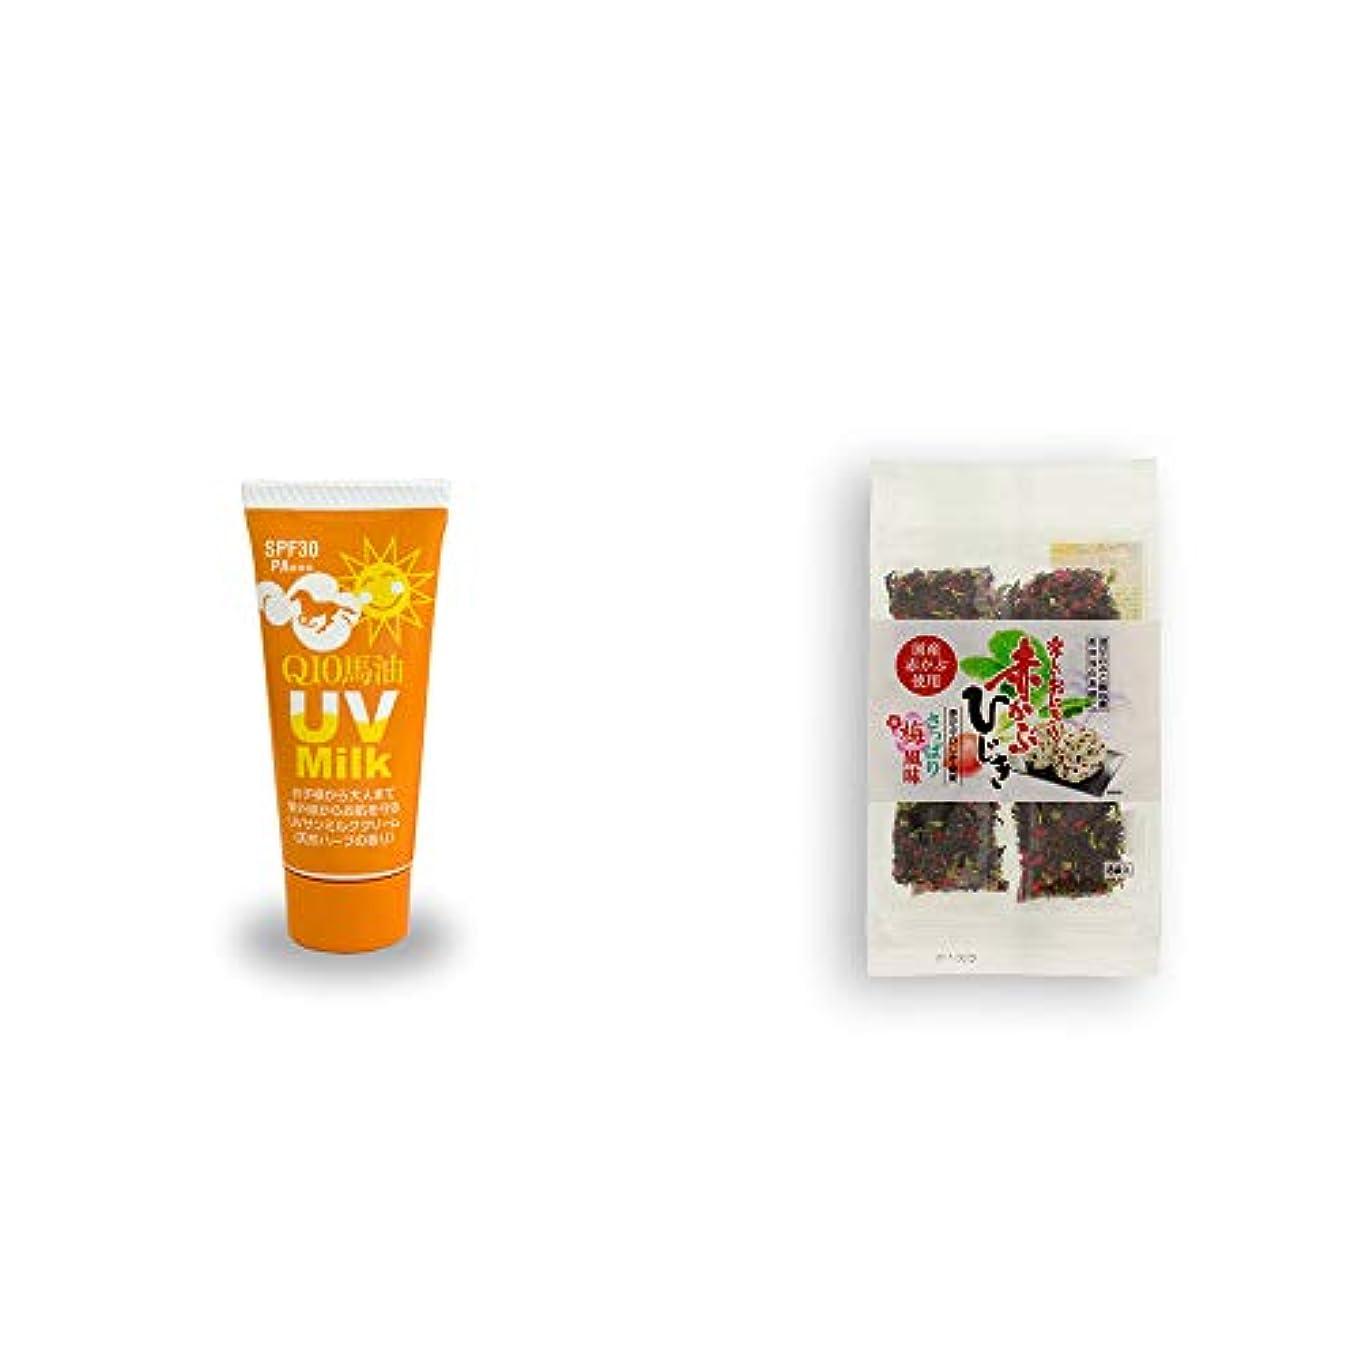 パシフィック同一性限りなく[2点セット] 炭黒泉 Q10馬油 UVサンミルク[天然ハーブ](40g)?楽しいおにぎり 赤かぶひじき(8g×8袋)